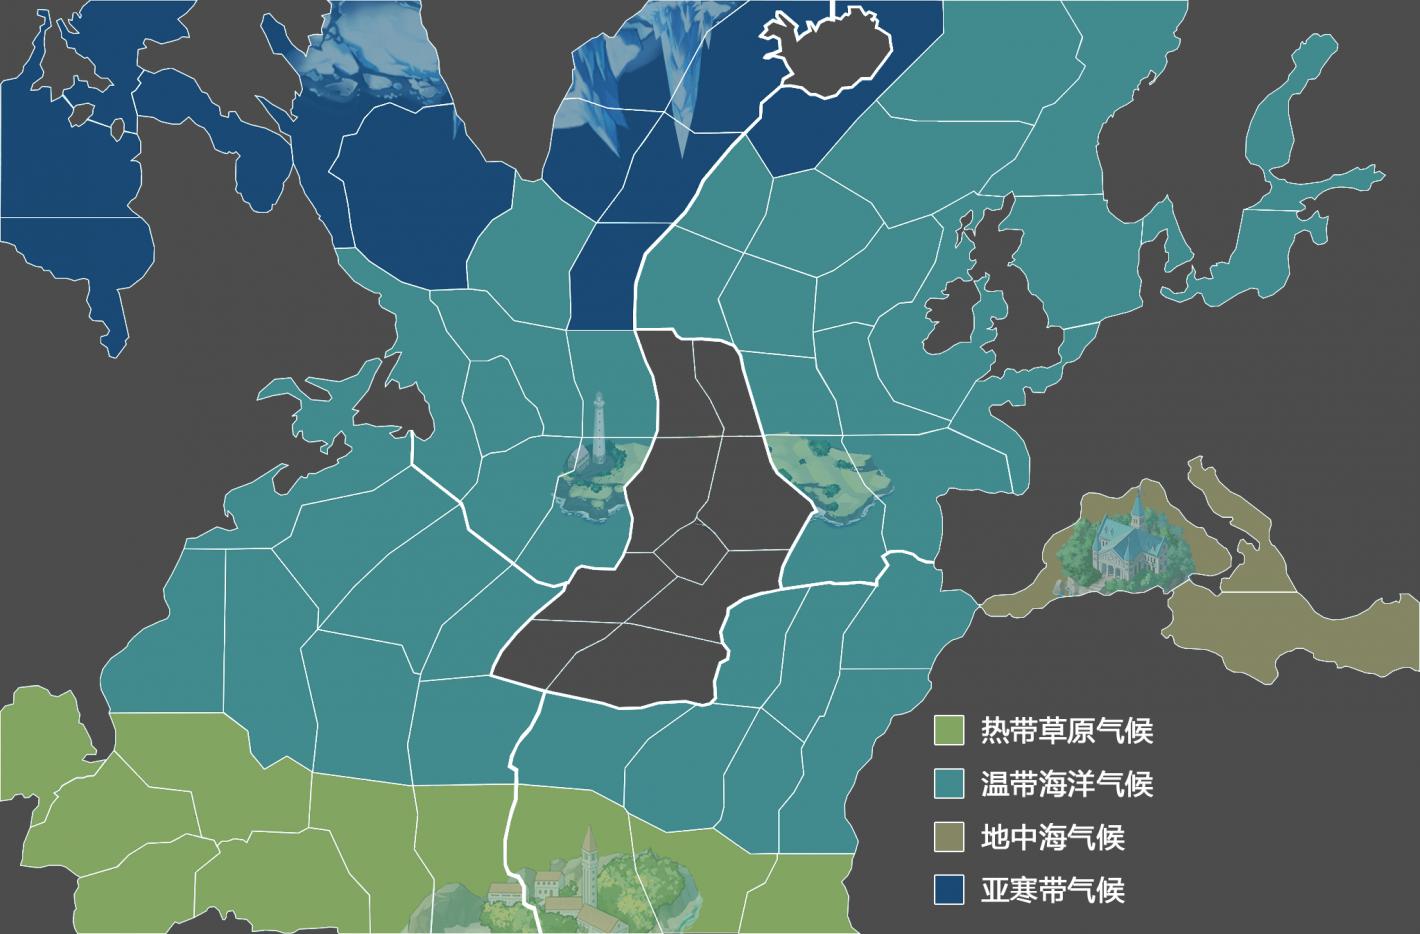 大世界NA海域地图(地理气候分布).png